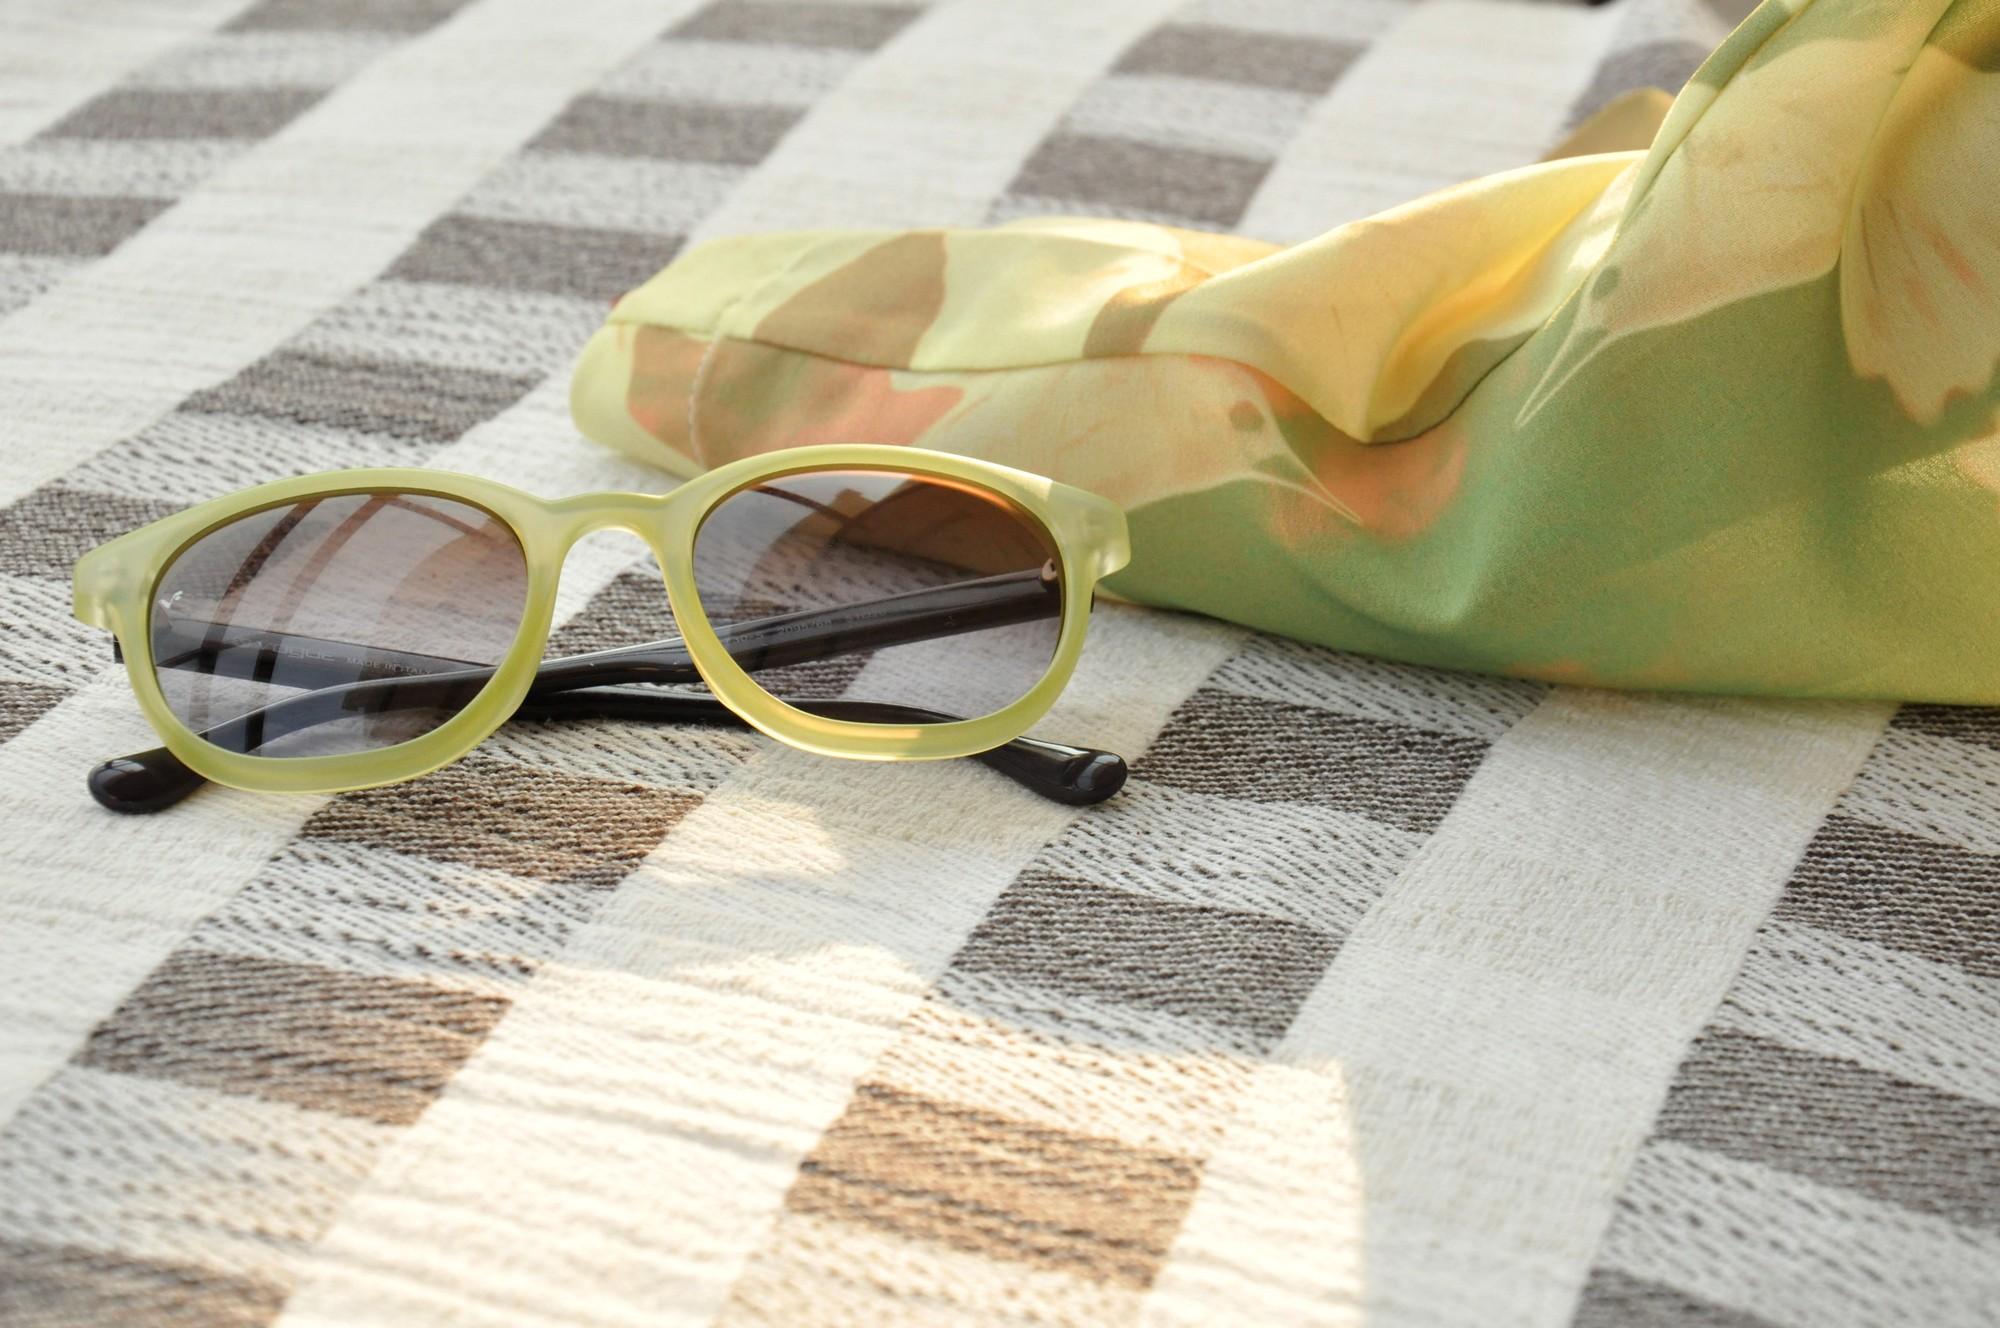 gural sapanca vogue eyewear